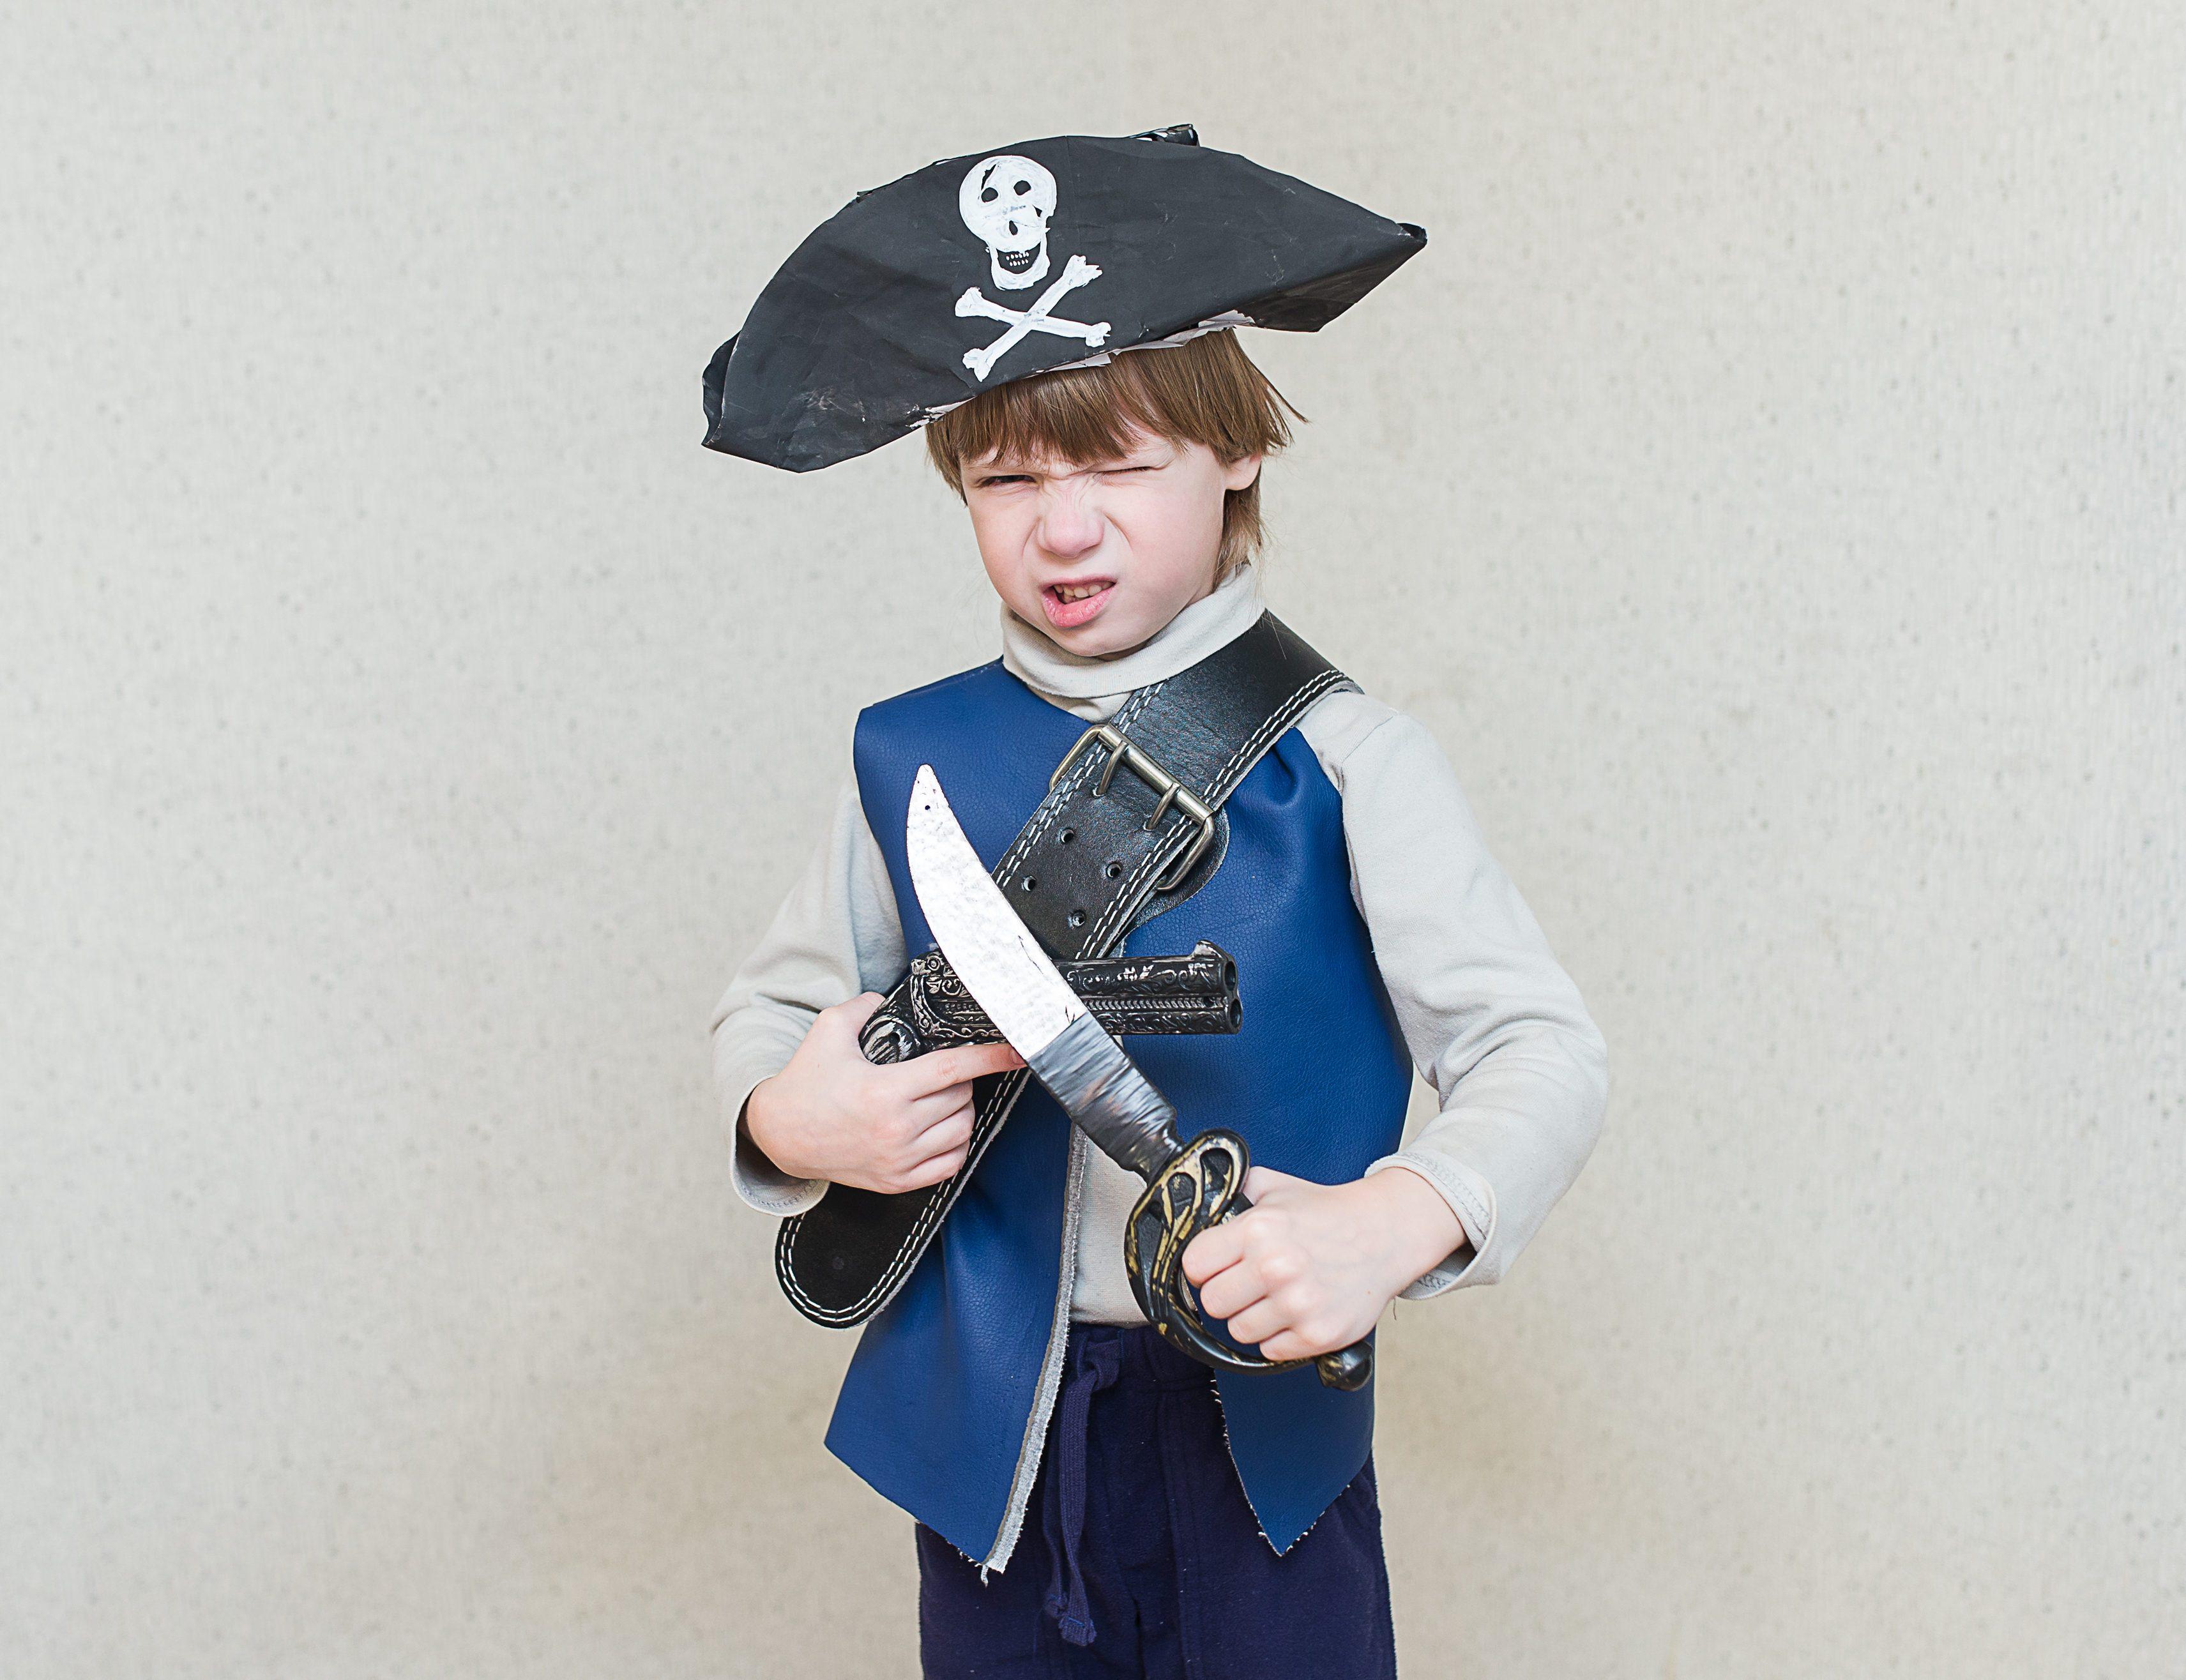 child boy playing pirate.